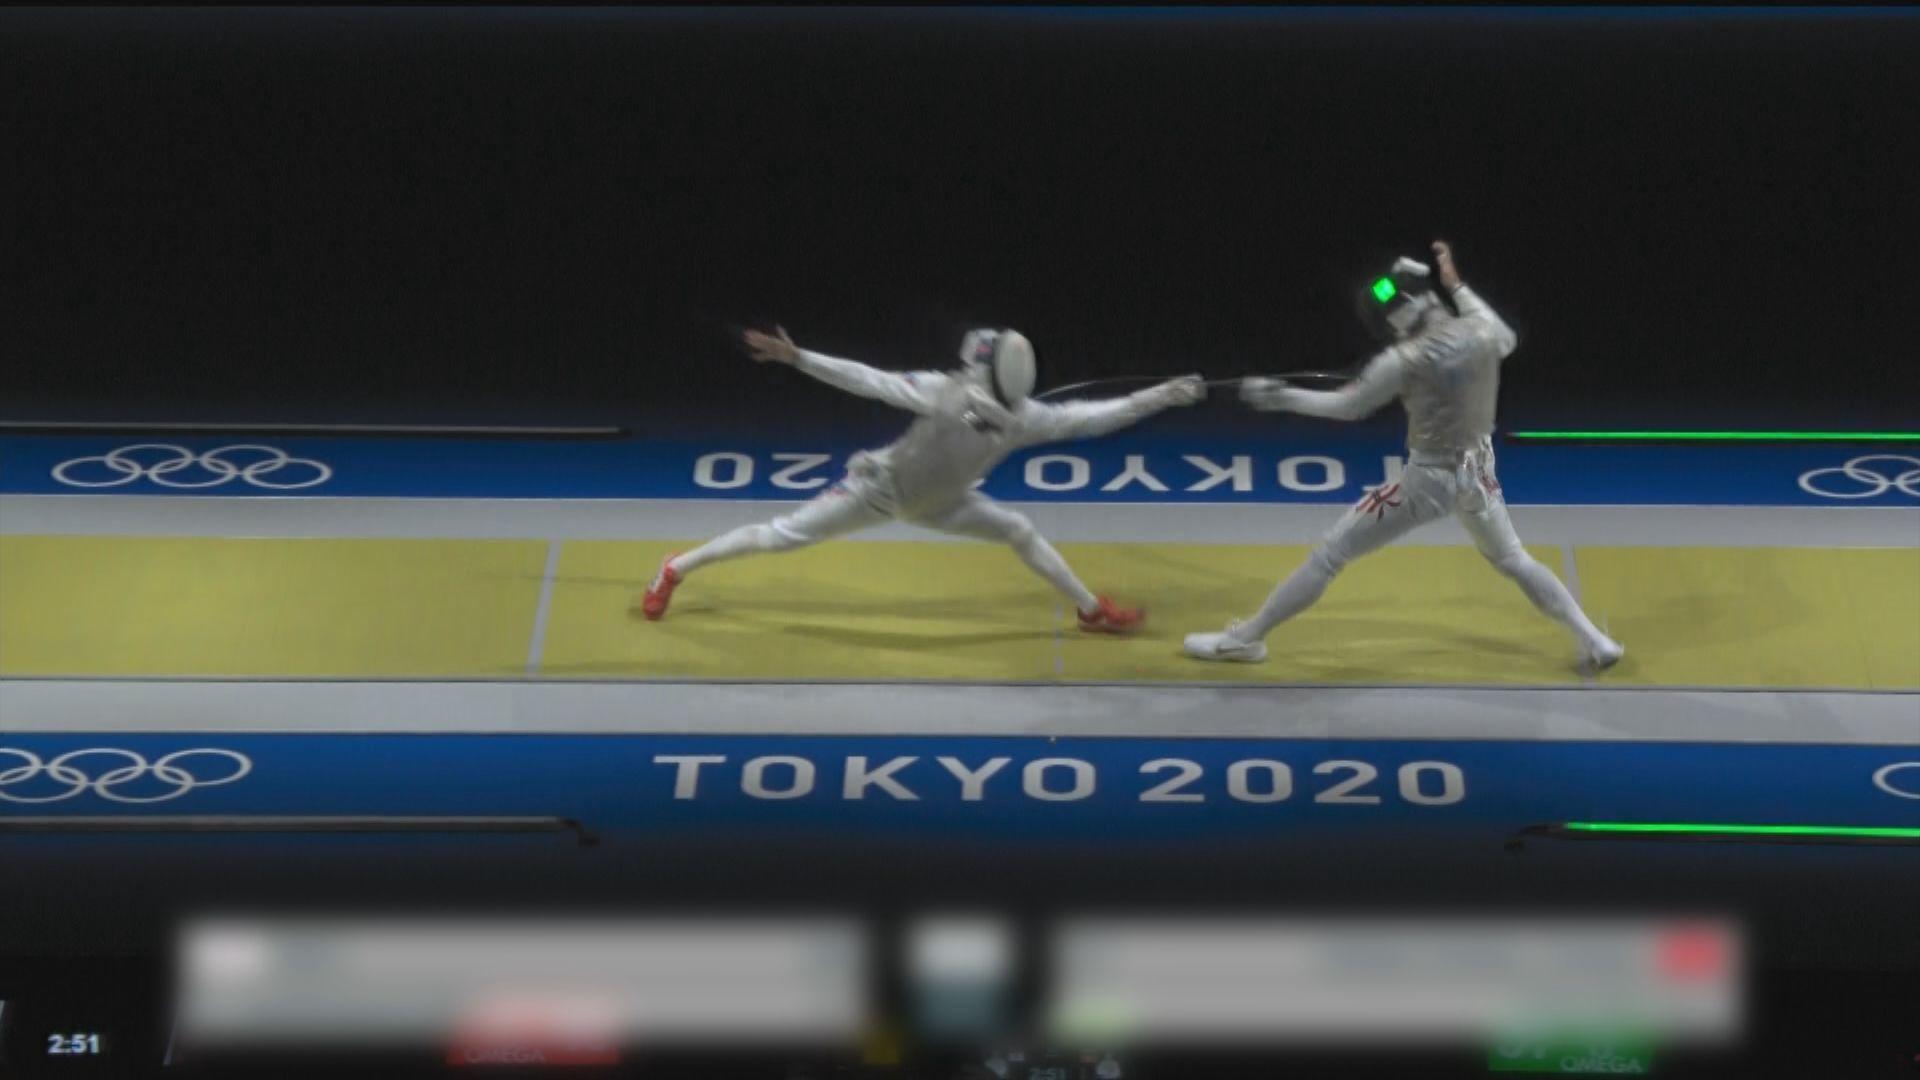 男子花劍團體賽八強 港隊不敵俄羅斯奧委會